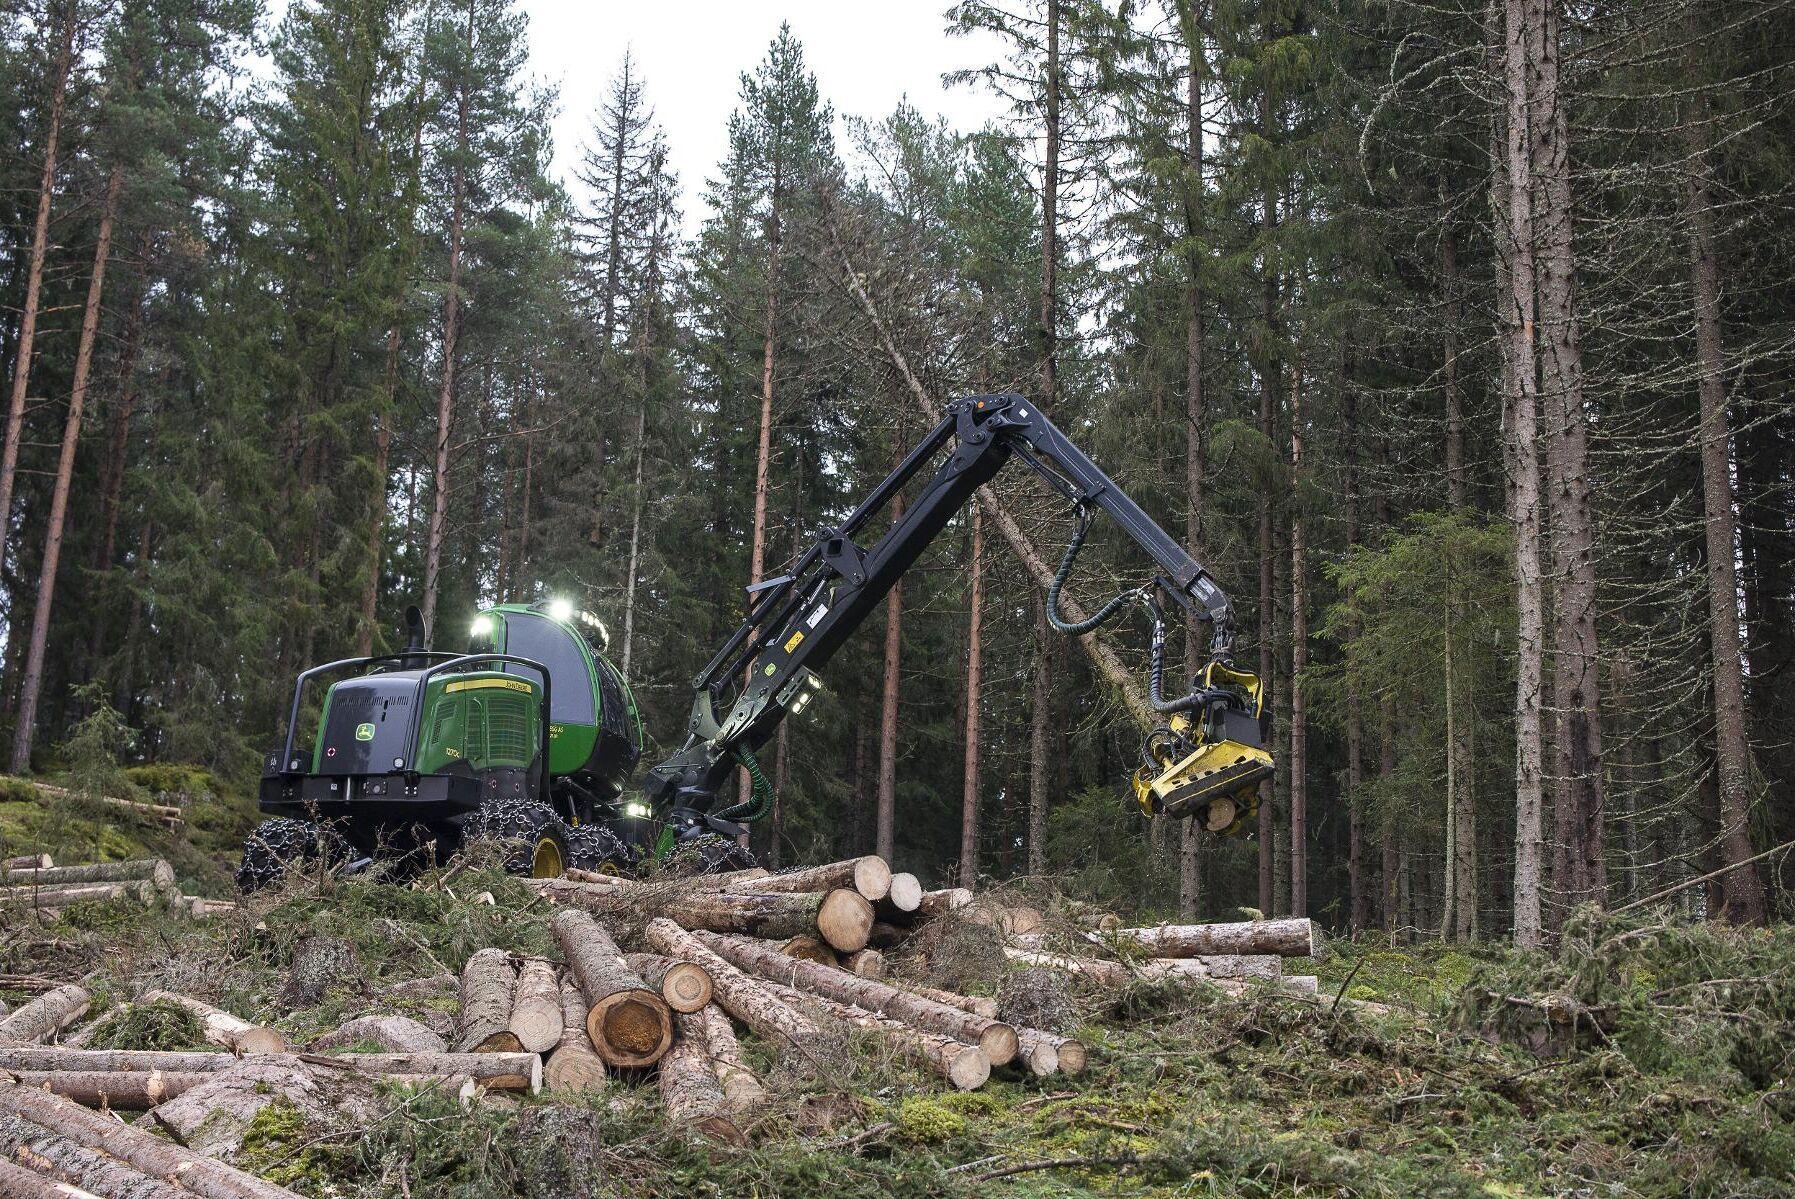 Sedan 2009 har koldioxidupptaget i den norska skogen minskat snabbt. Nu vill regeringen vända utvecklingen med en rad åtgärder i sin klimatplan för 2021-2030.